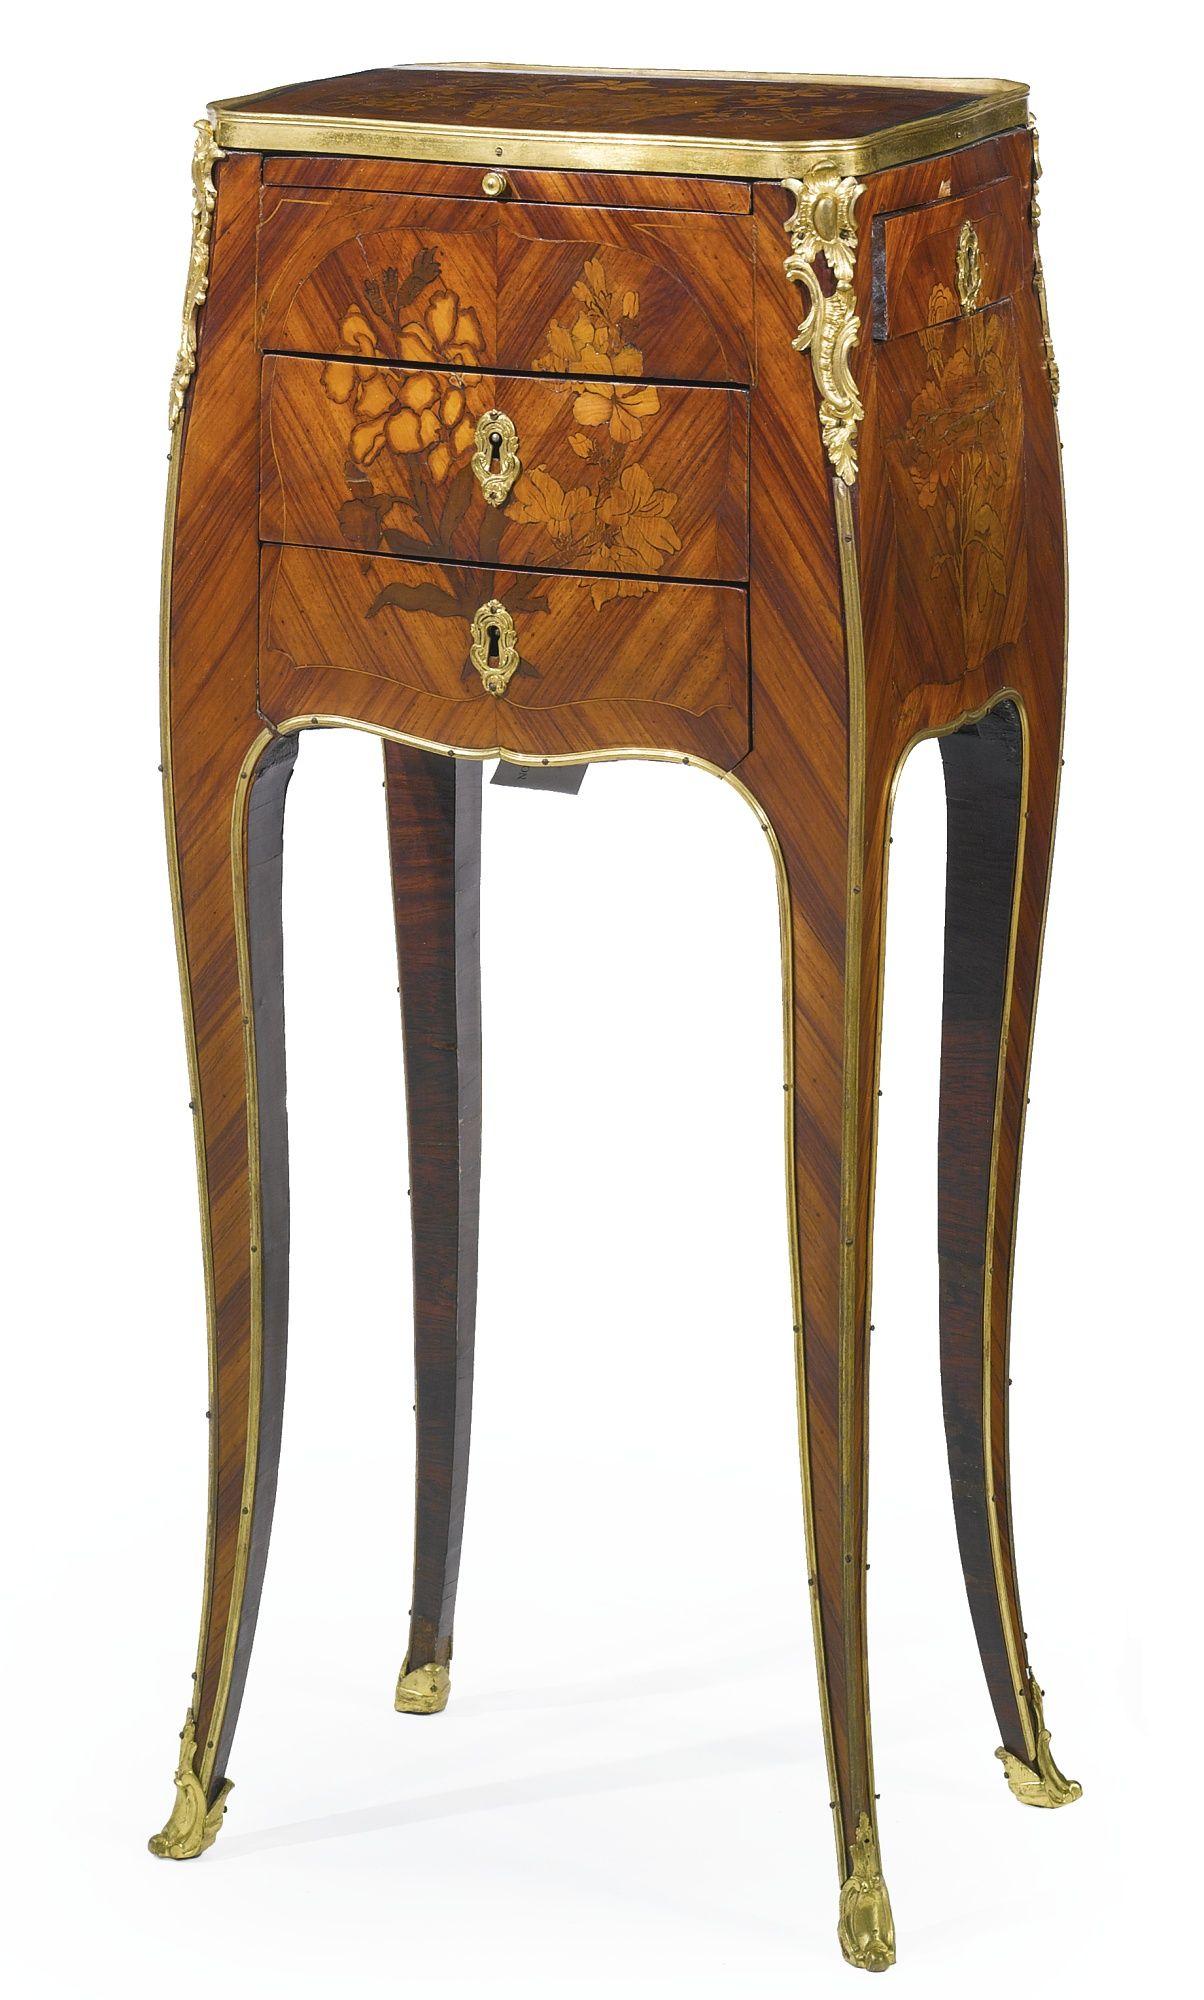 A Louis Xv Ormolu Mounted Tulipwood And Marquetry Table En Chiffonniere Circa Avec Images Mobilier De Salon Meuble De Style Meubles Anciens